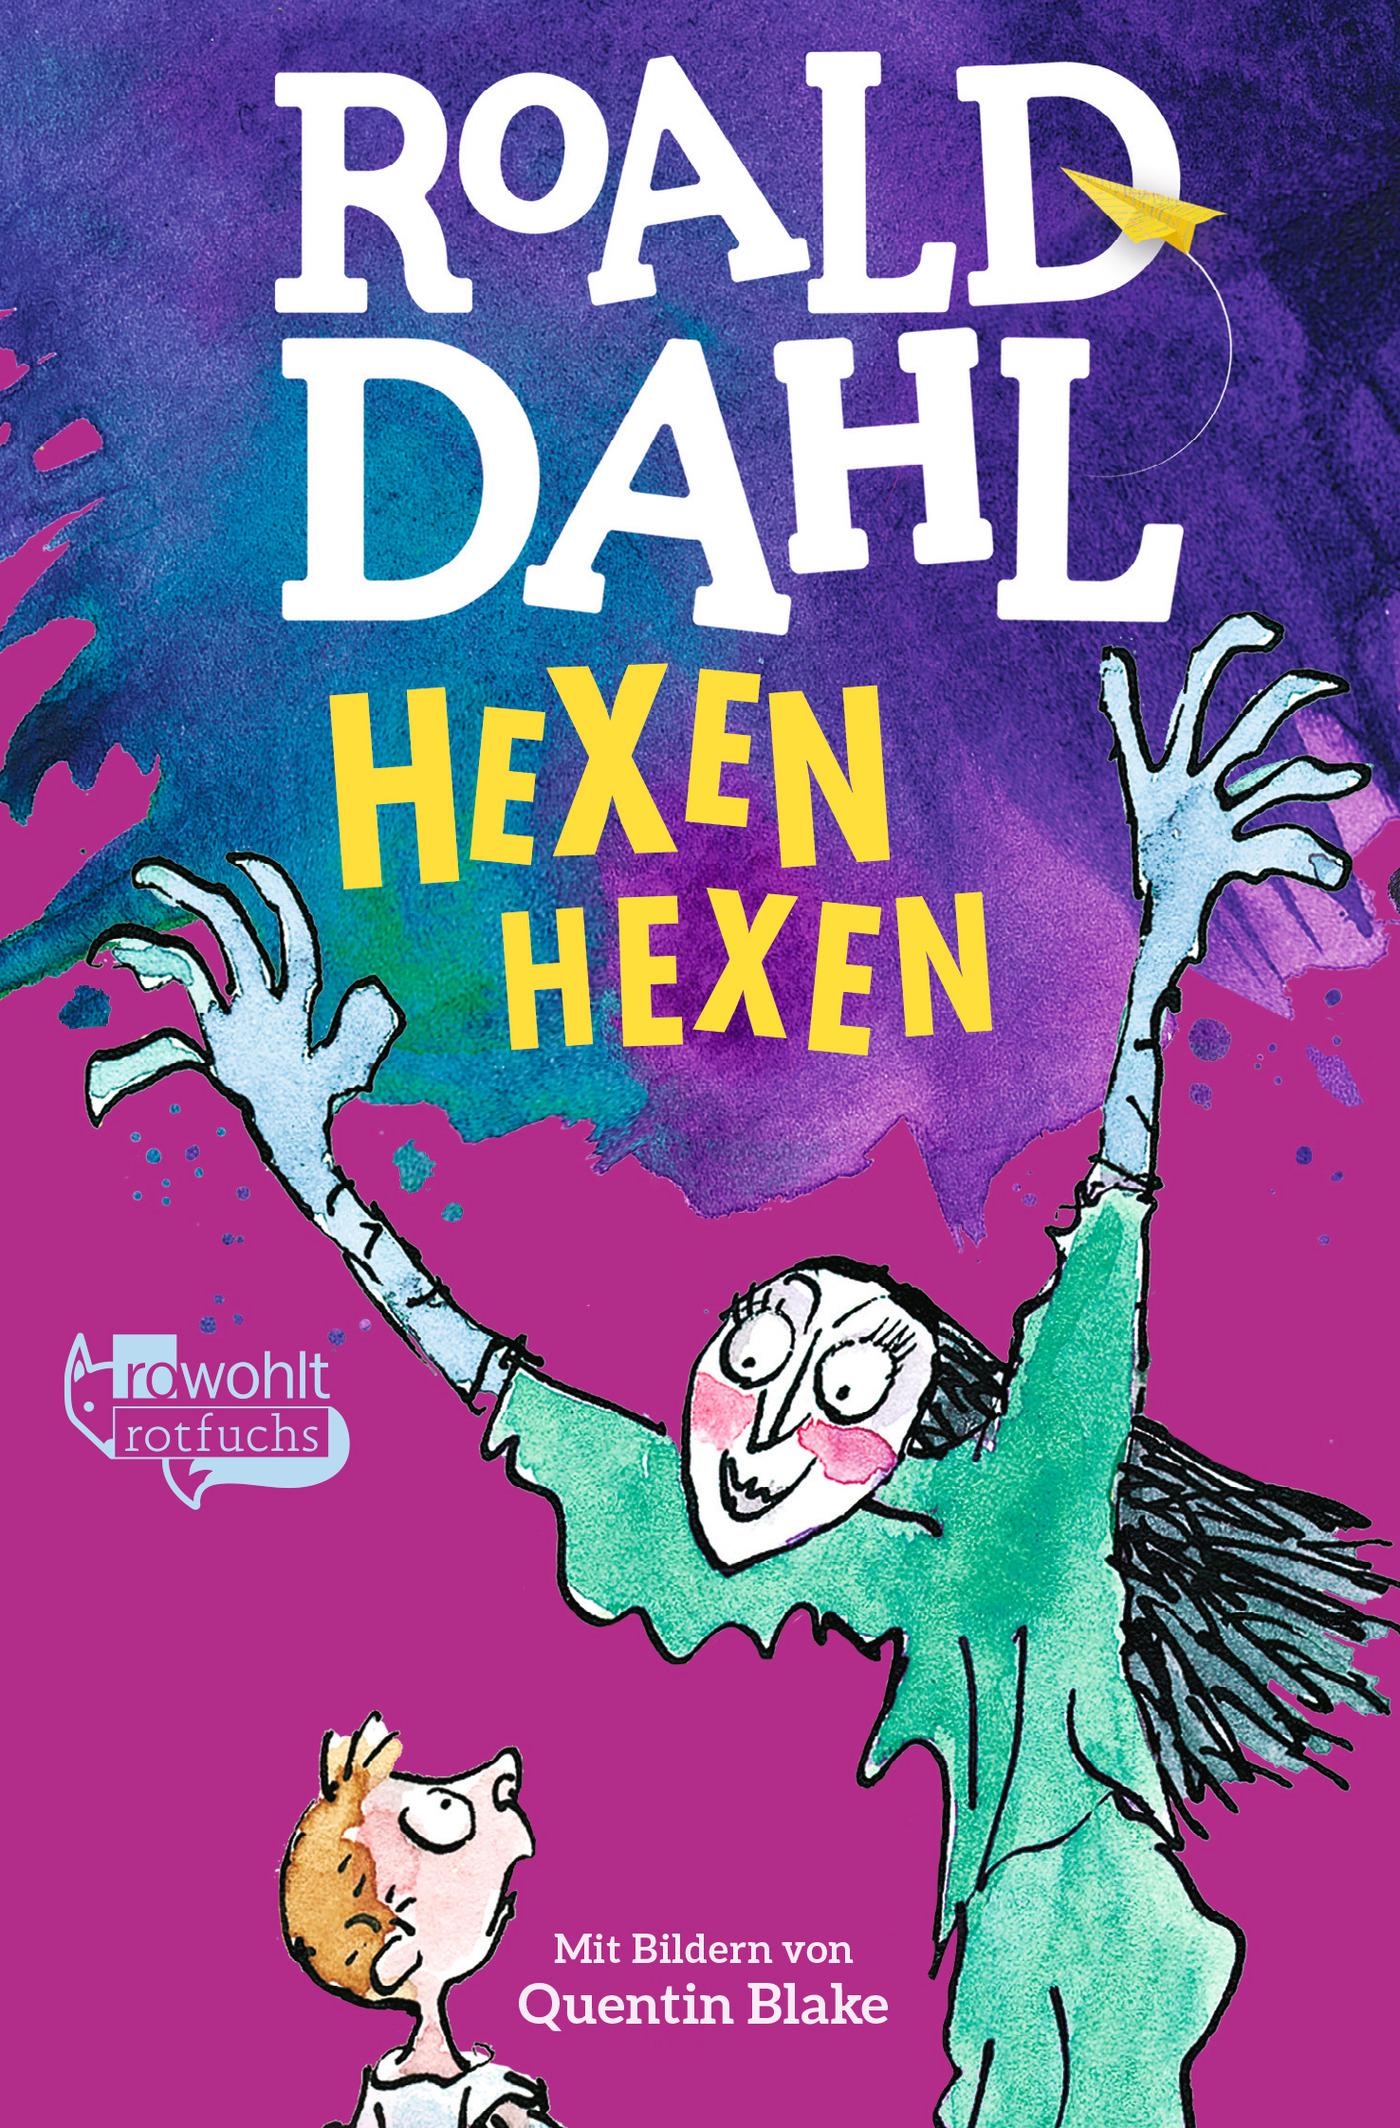 NEU Hexen hexen Roald Dahl 205873